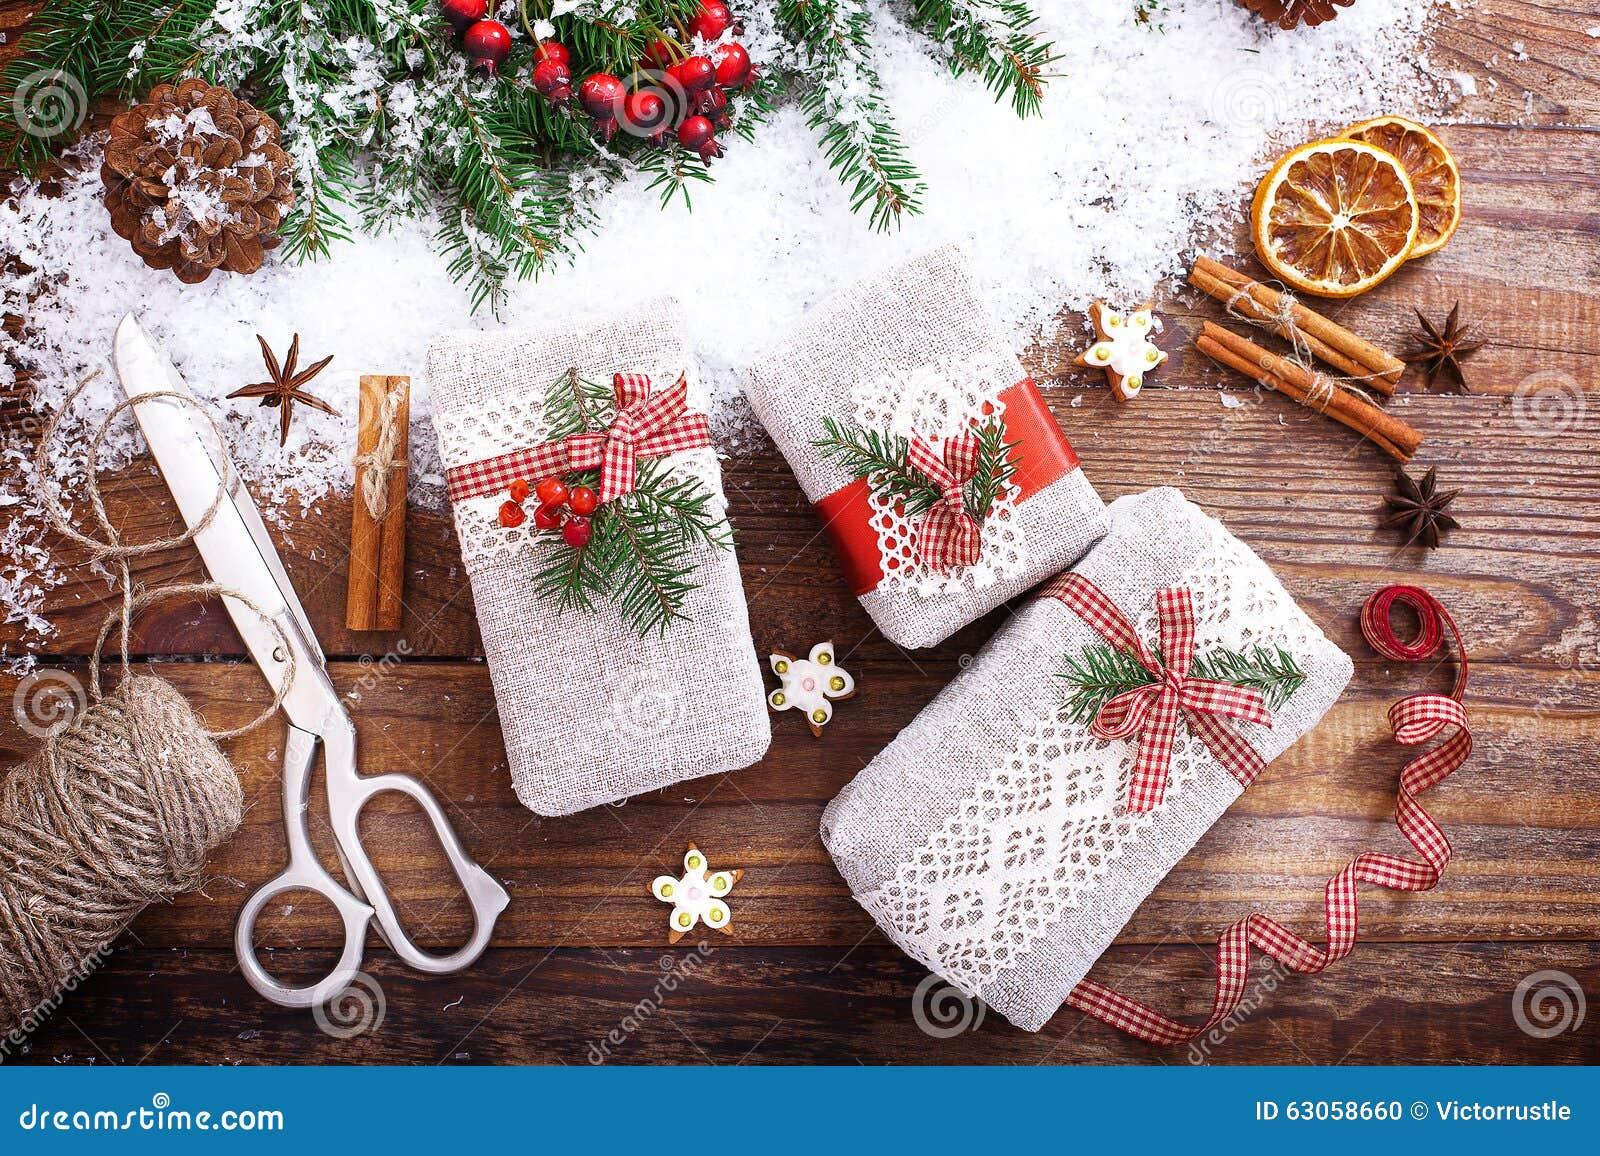 Albero Di Natale Fatto Con I Biscotti.I Contenitori Di Regalo Fatti A Mano Si Avvicinano All Albero Di